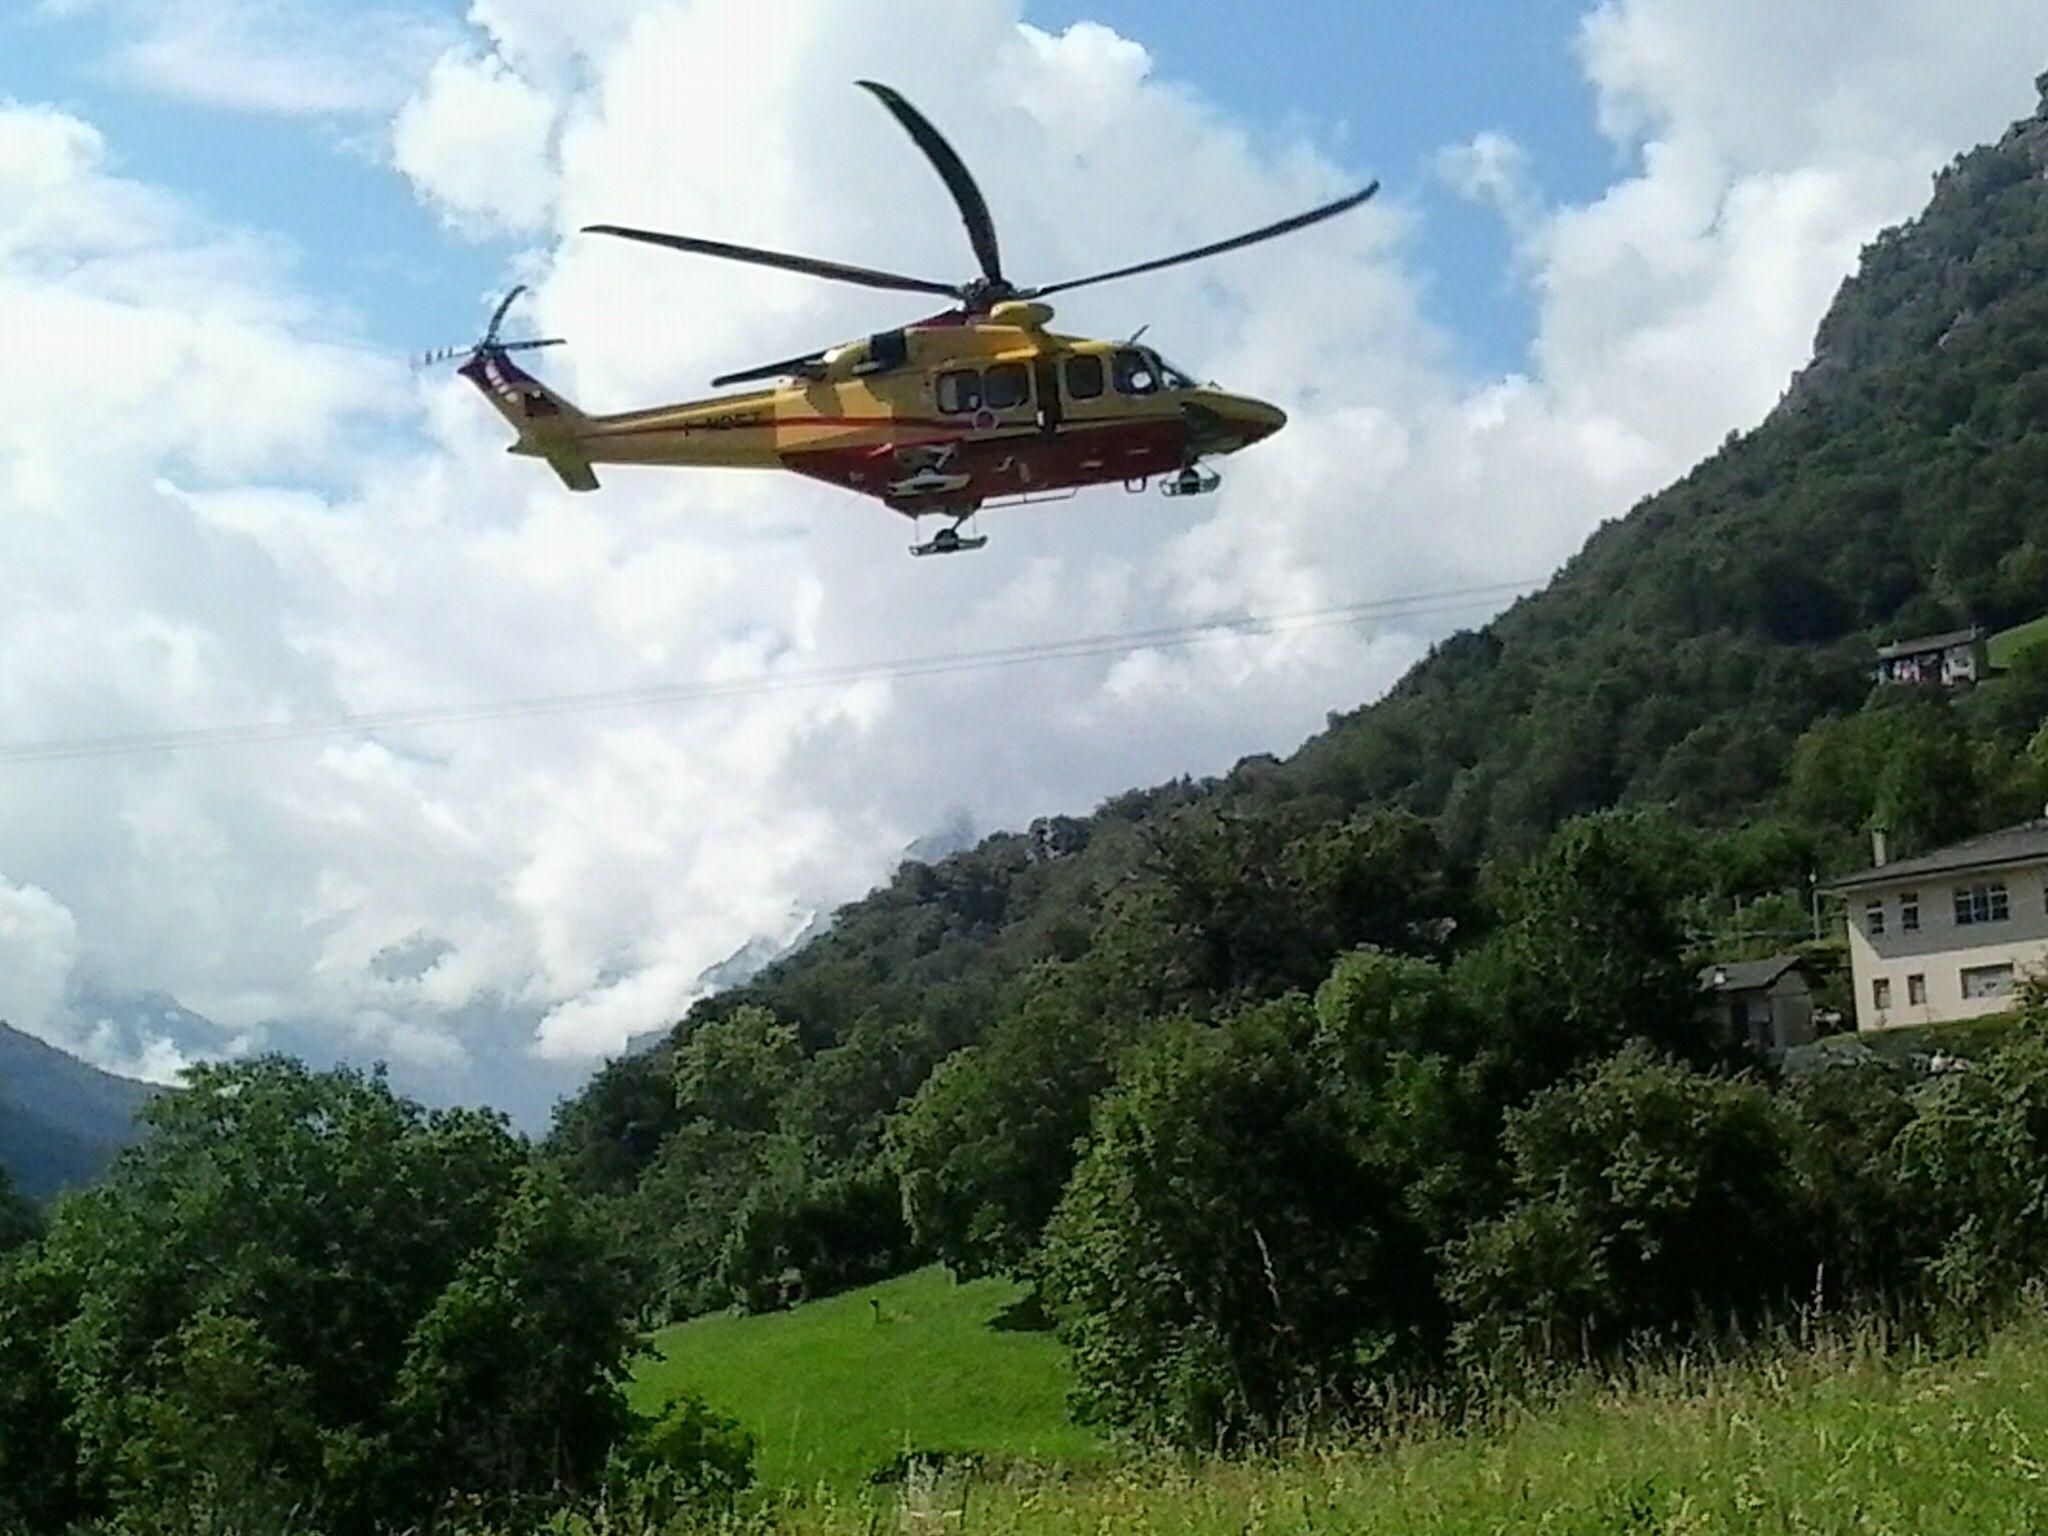 TRAVERSELLA - Escursionista ferita in quota: il 118 interviene con l'elisoccorso per il salvataggio